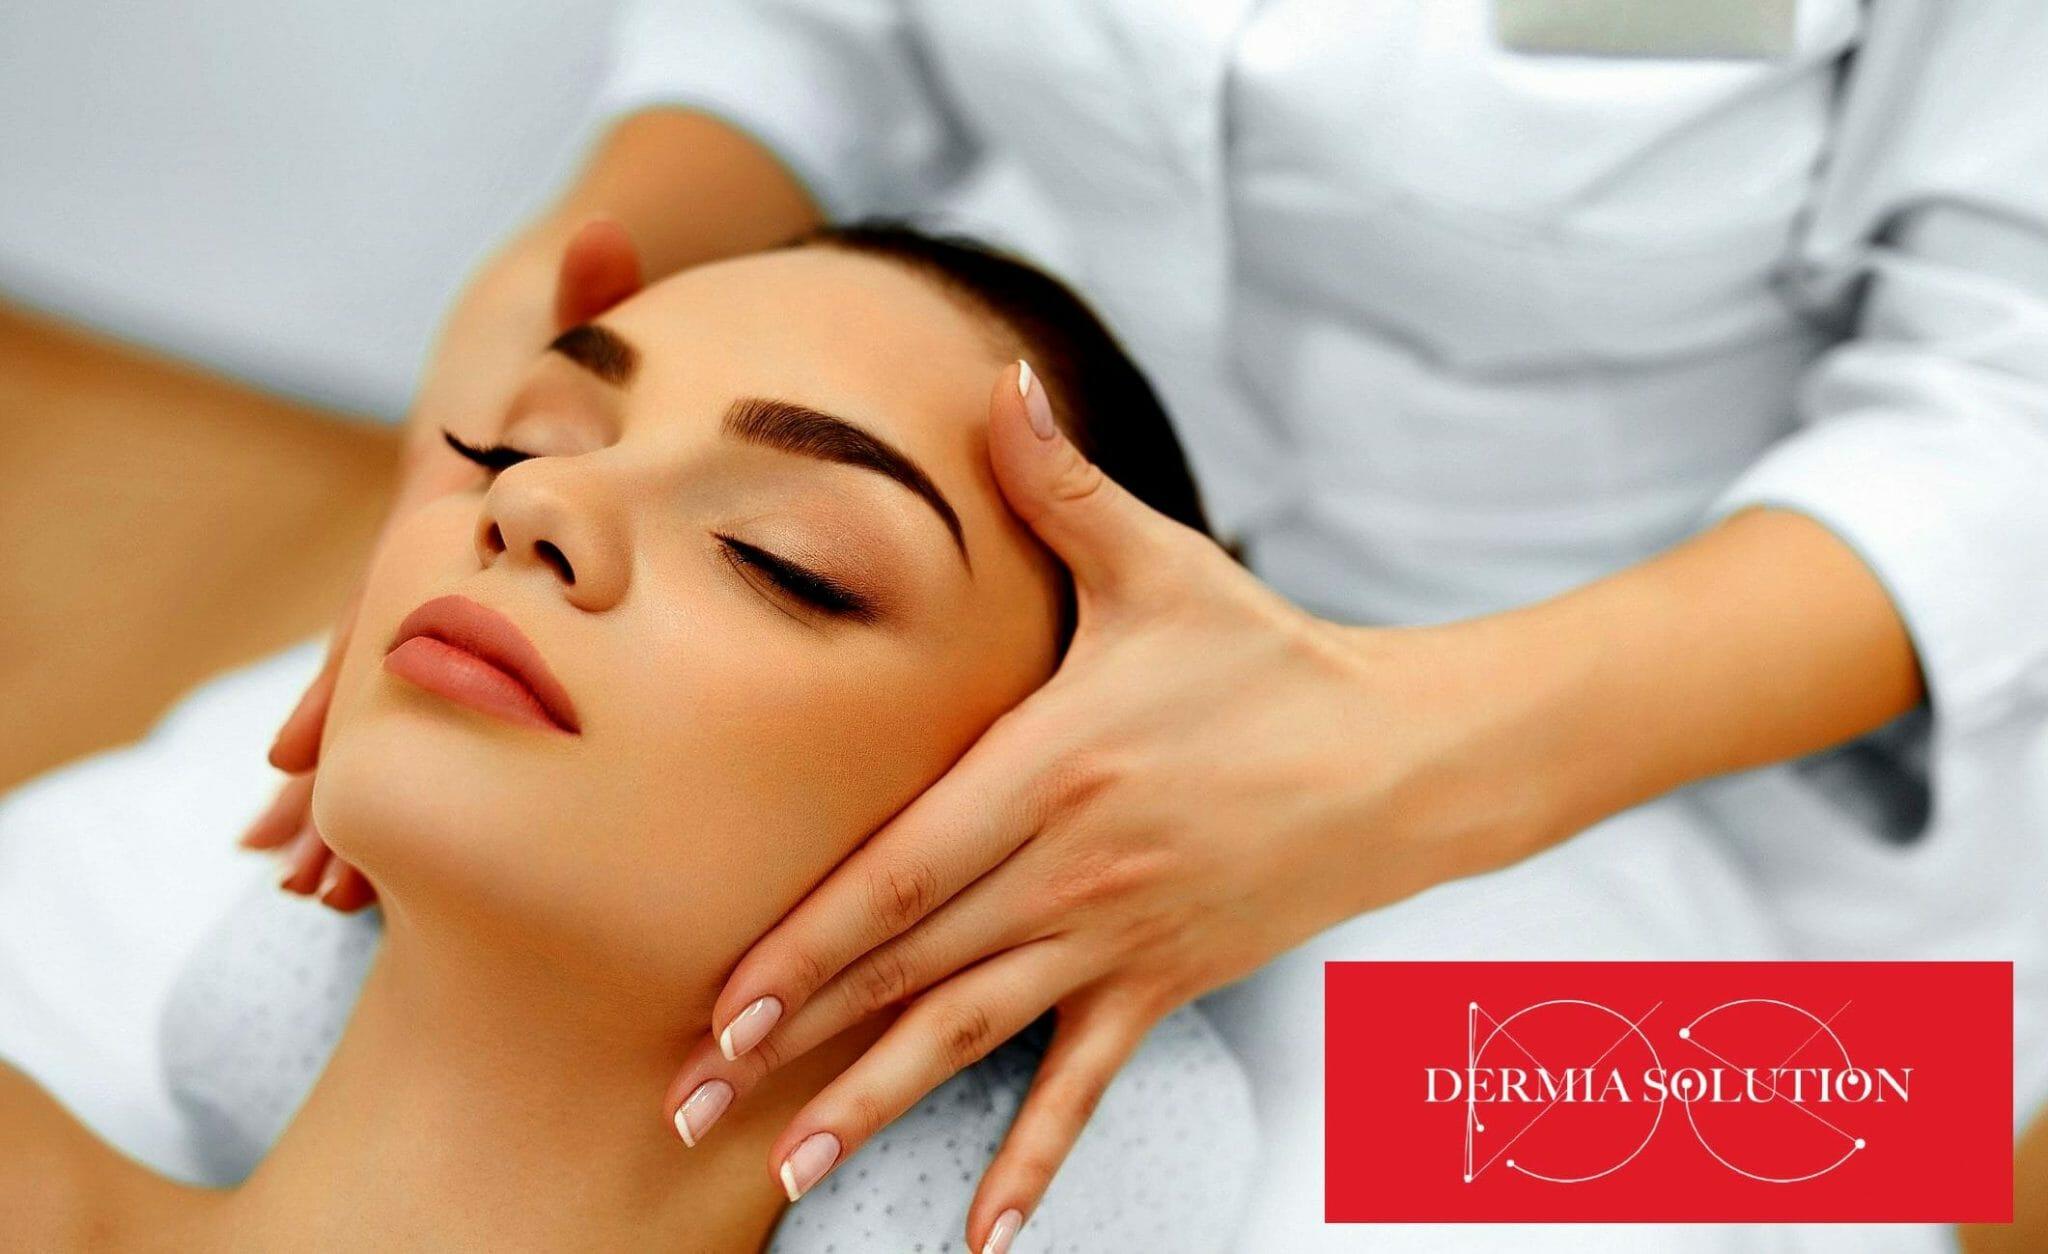 Dermia Solution Anti-Age Kasvohoito Skinfaktor-laitteilla